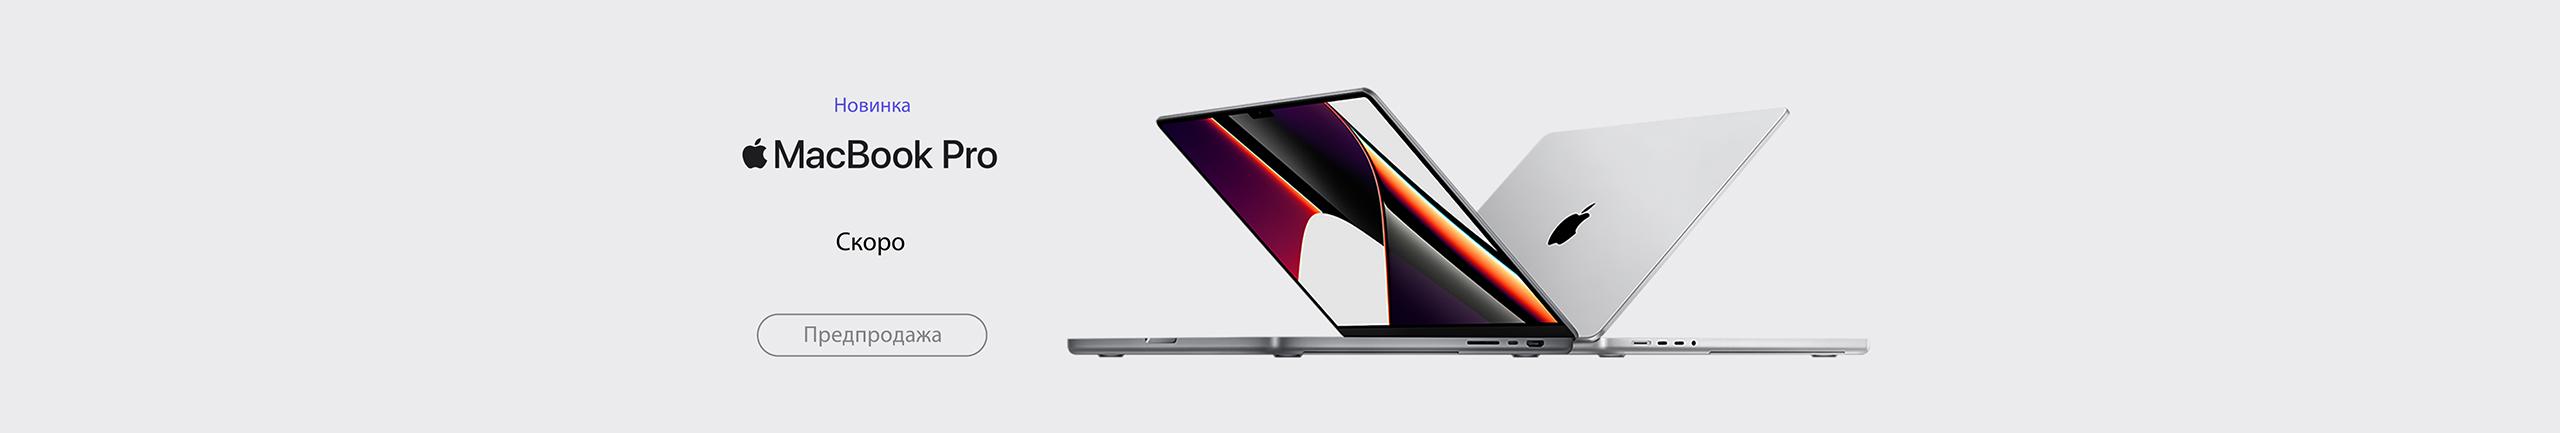 GR macbook pro